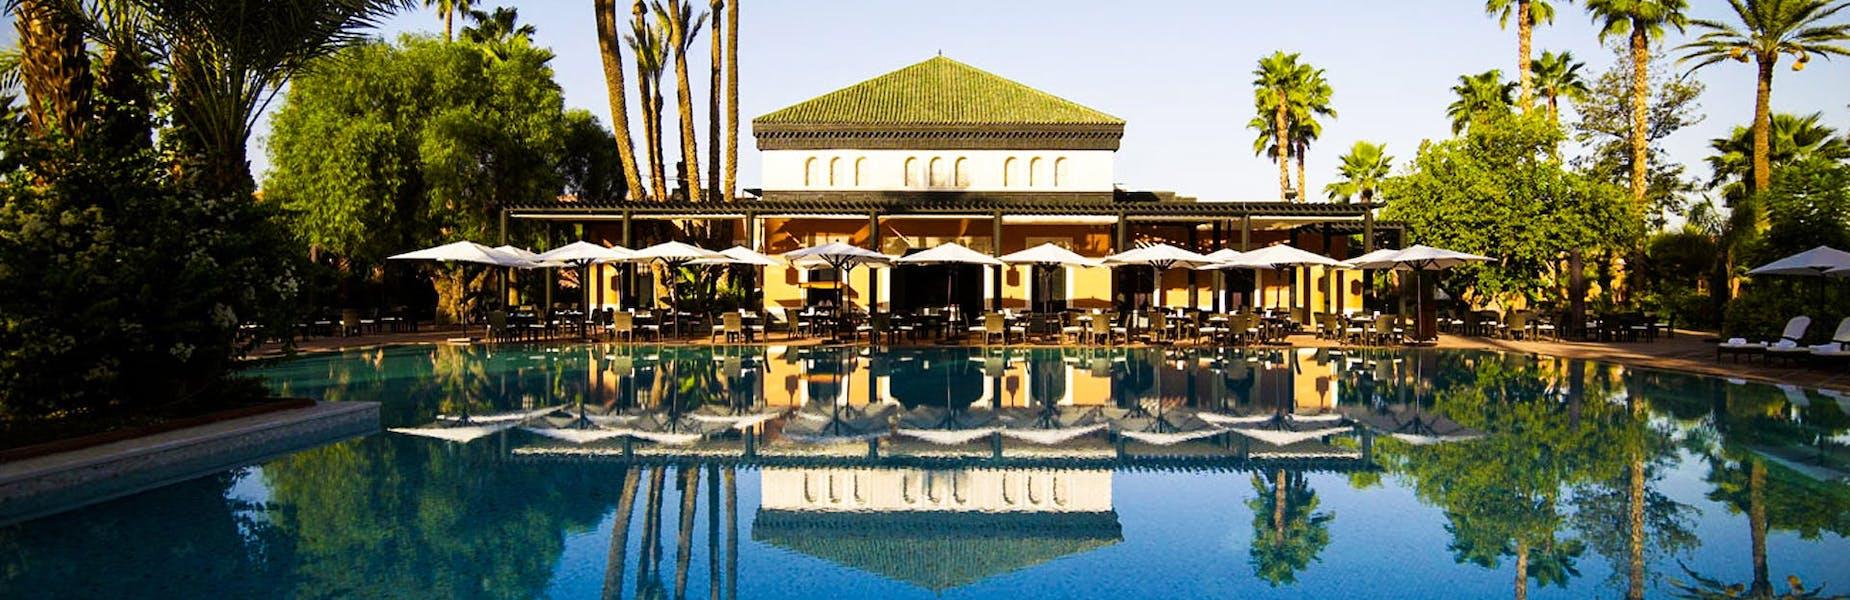 cosa vedere a marrakech piscine esclusive